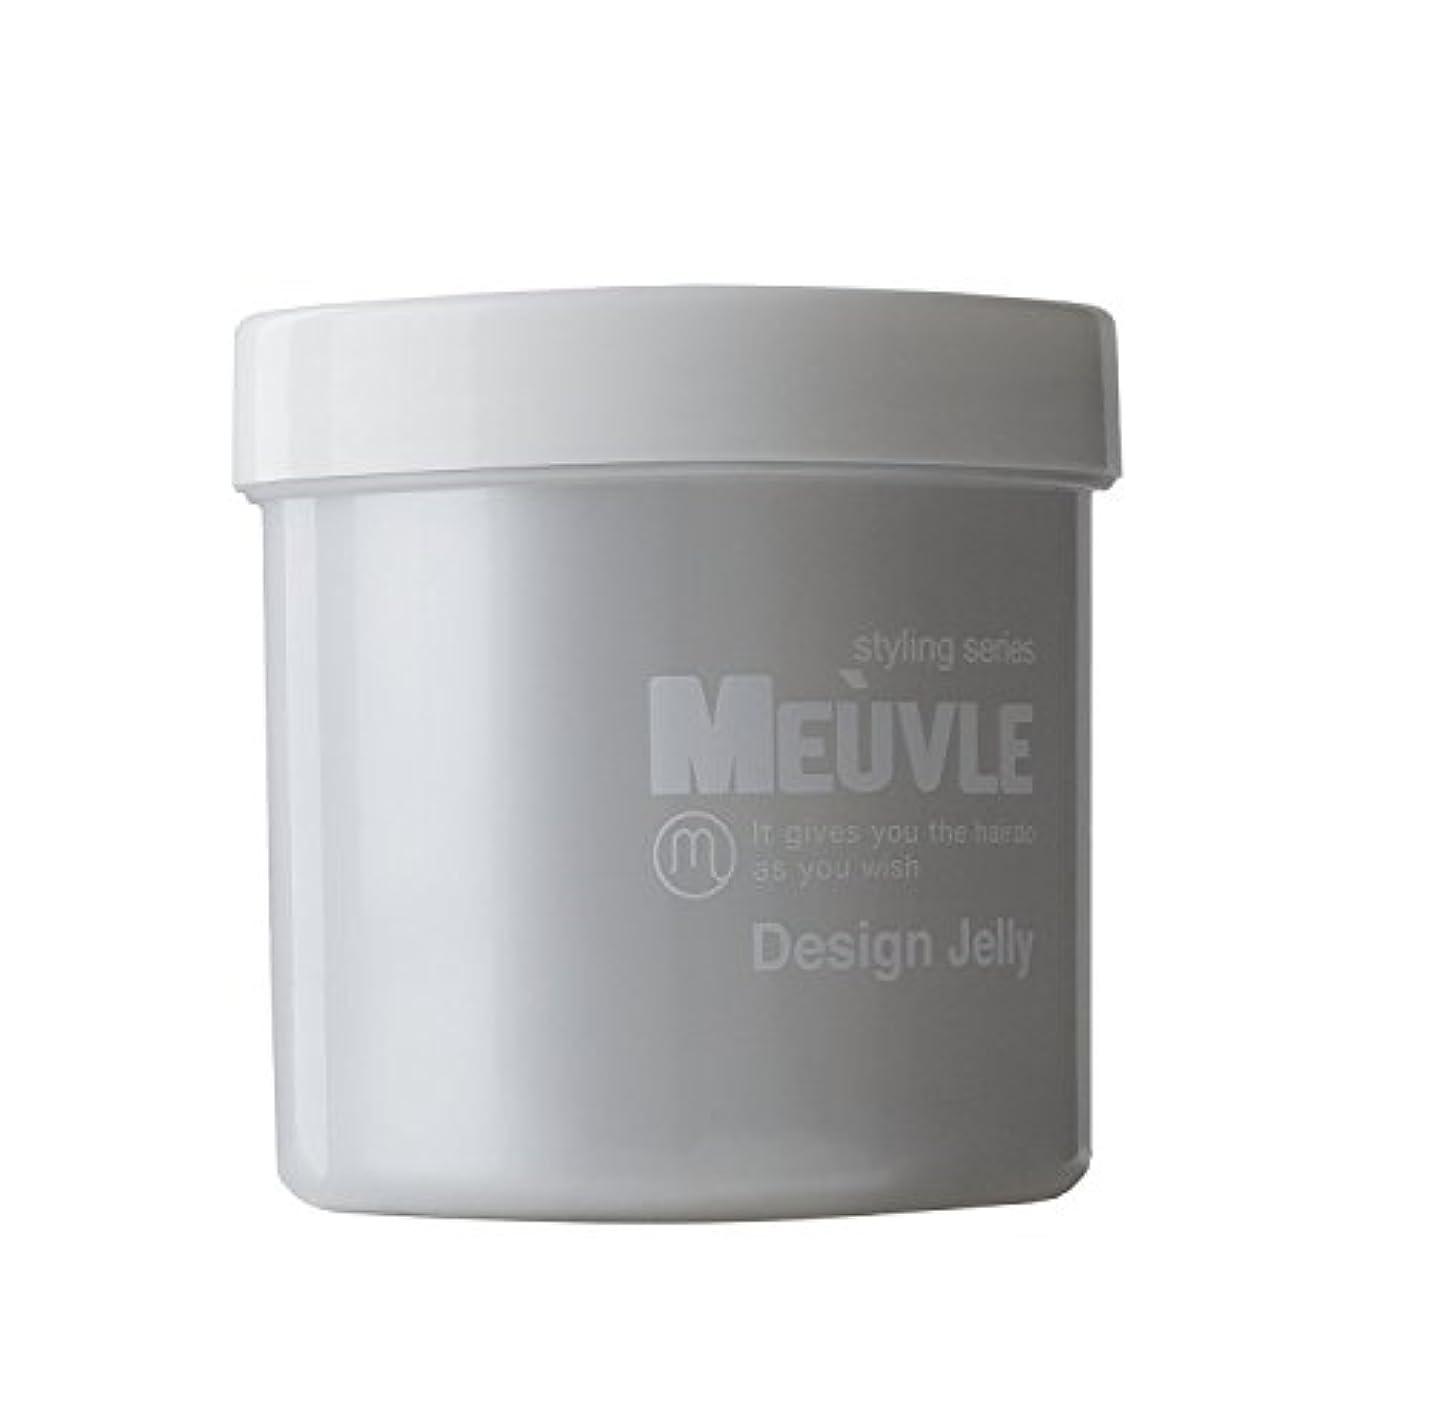 マナー繊維メンタルMEUVLE ( ミューヴル ) デザインゼリー 300g 限定企画 ミューブル ジェル